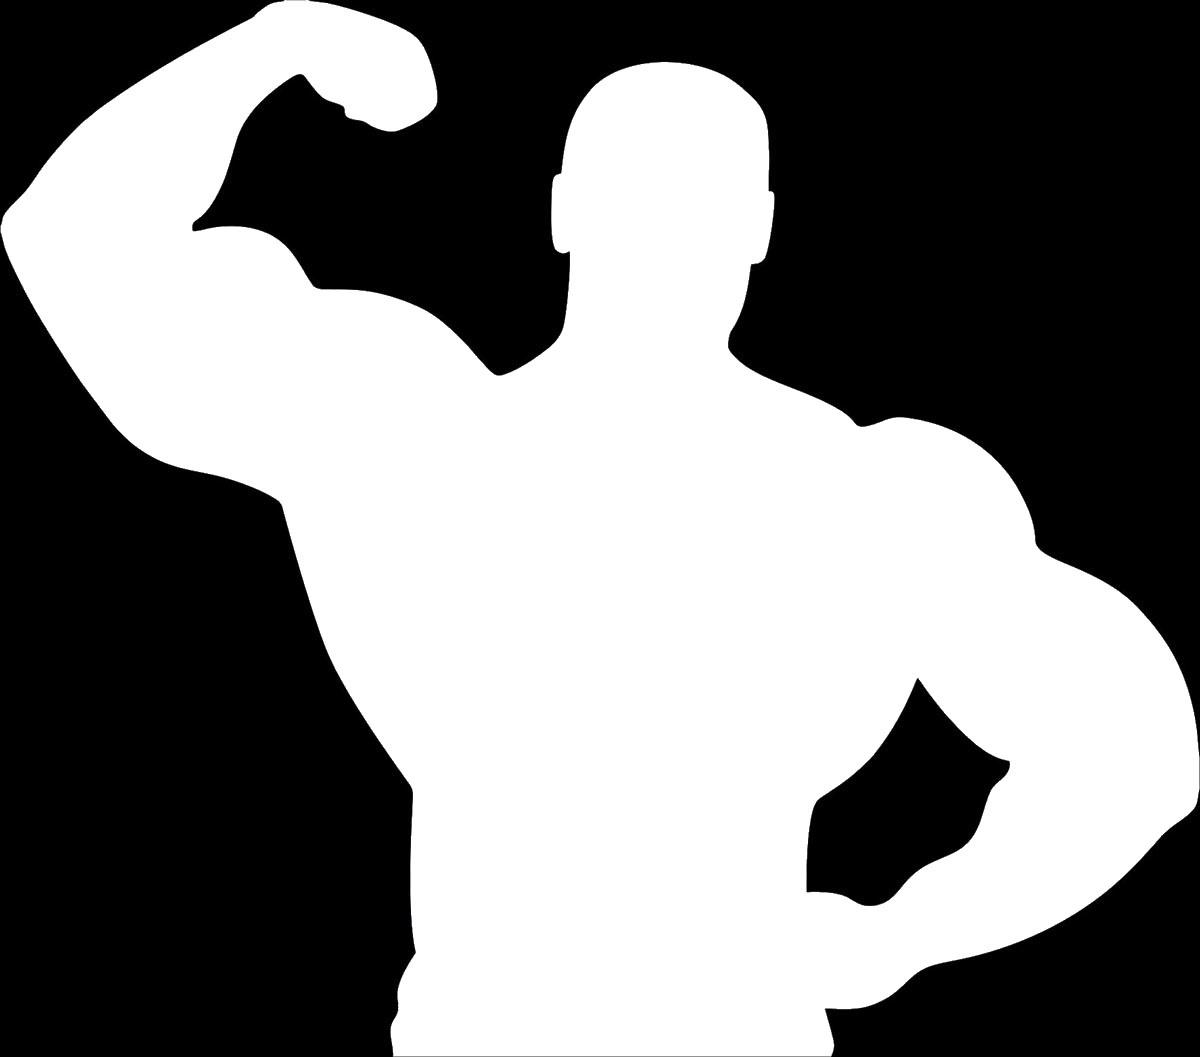 Фото - Наклейка ОранжевыйСлоник виниловая мускул для авто или интерьера, Винил авто